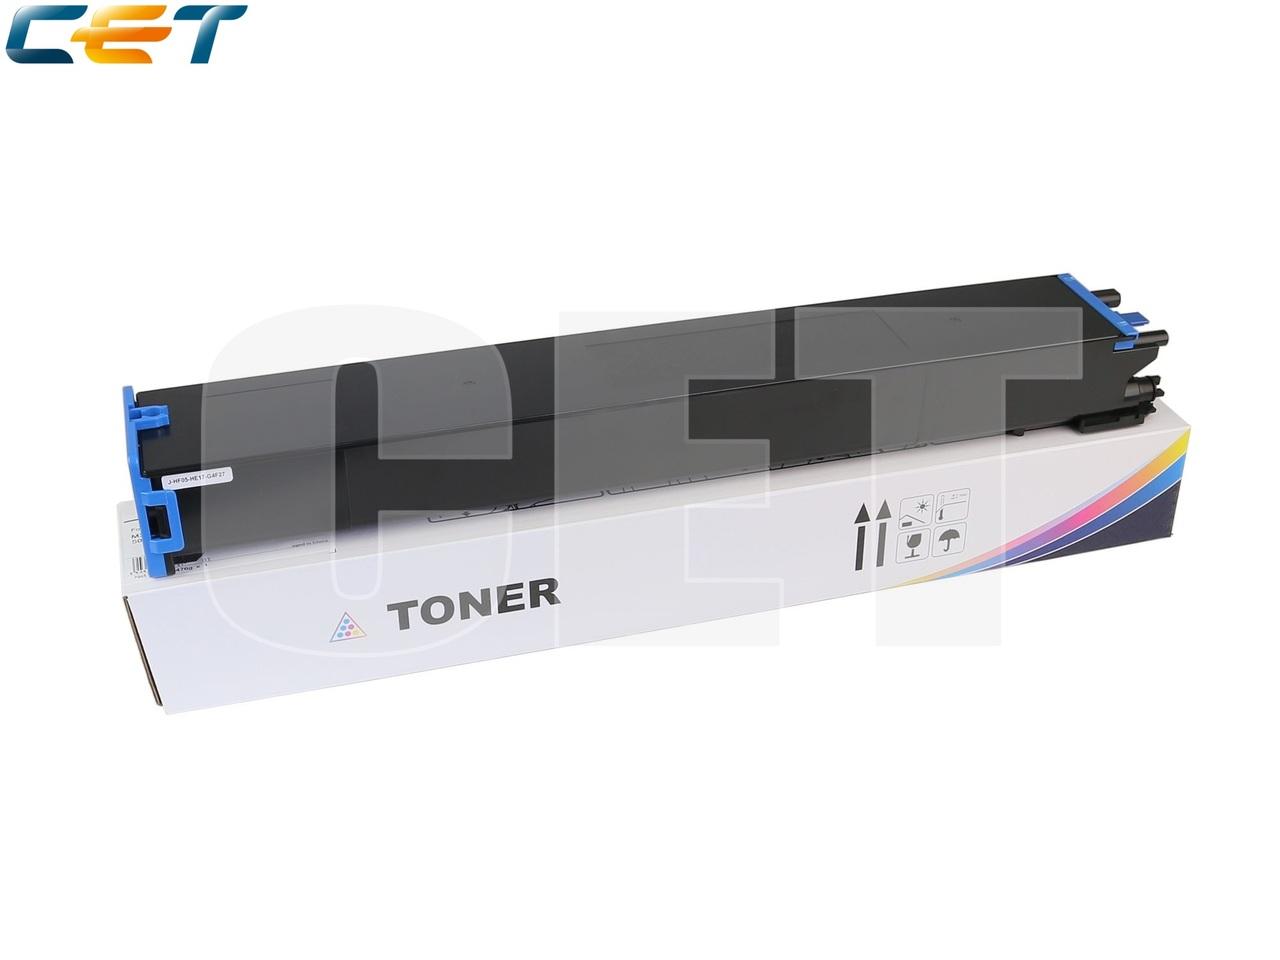 Тонер-картридж (TF9) MX-60GTCA для SHARPMX-3050N/4050N/4070N/5070N (CET) Cyan, 476г, 24000 стр.,CET141243